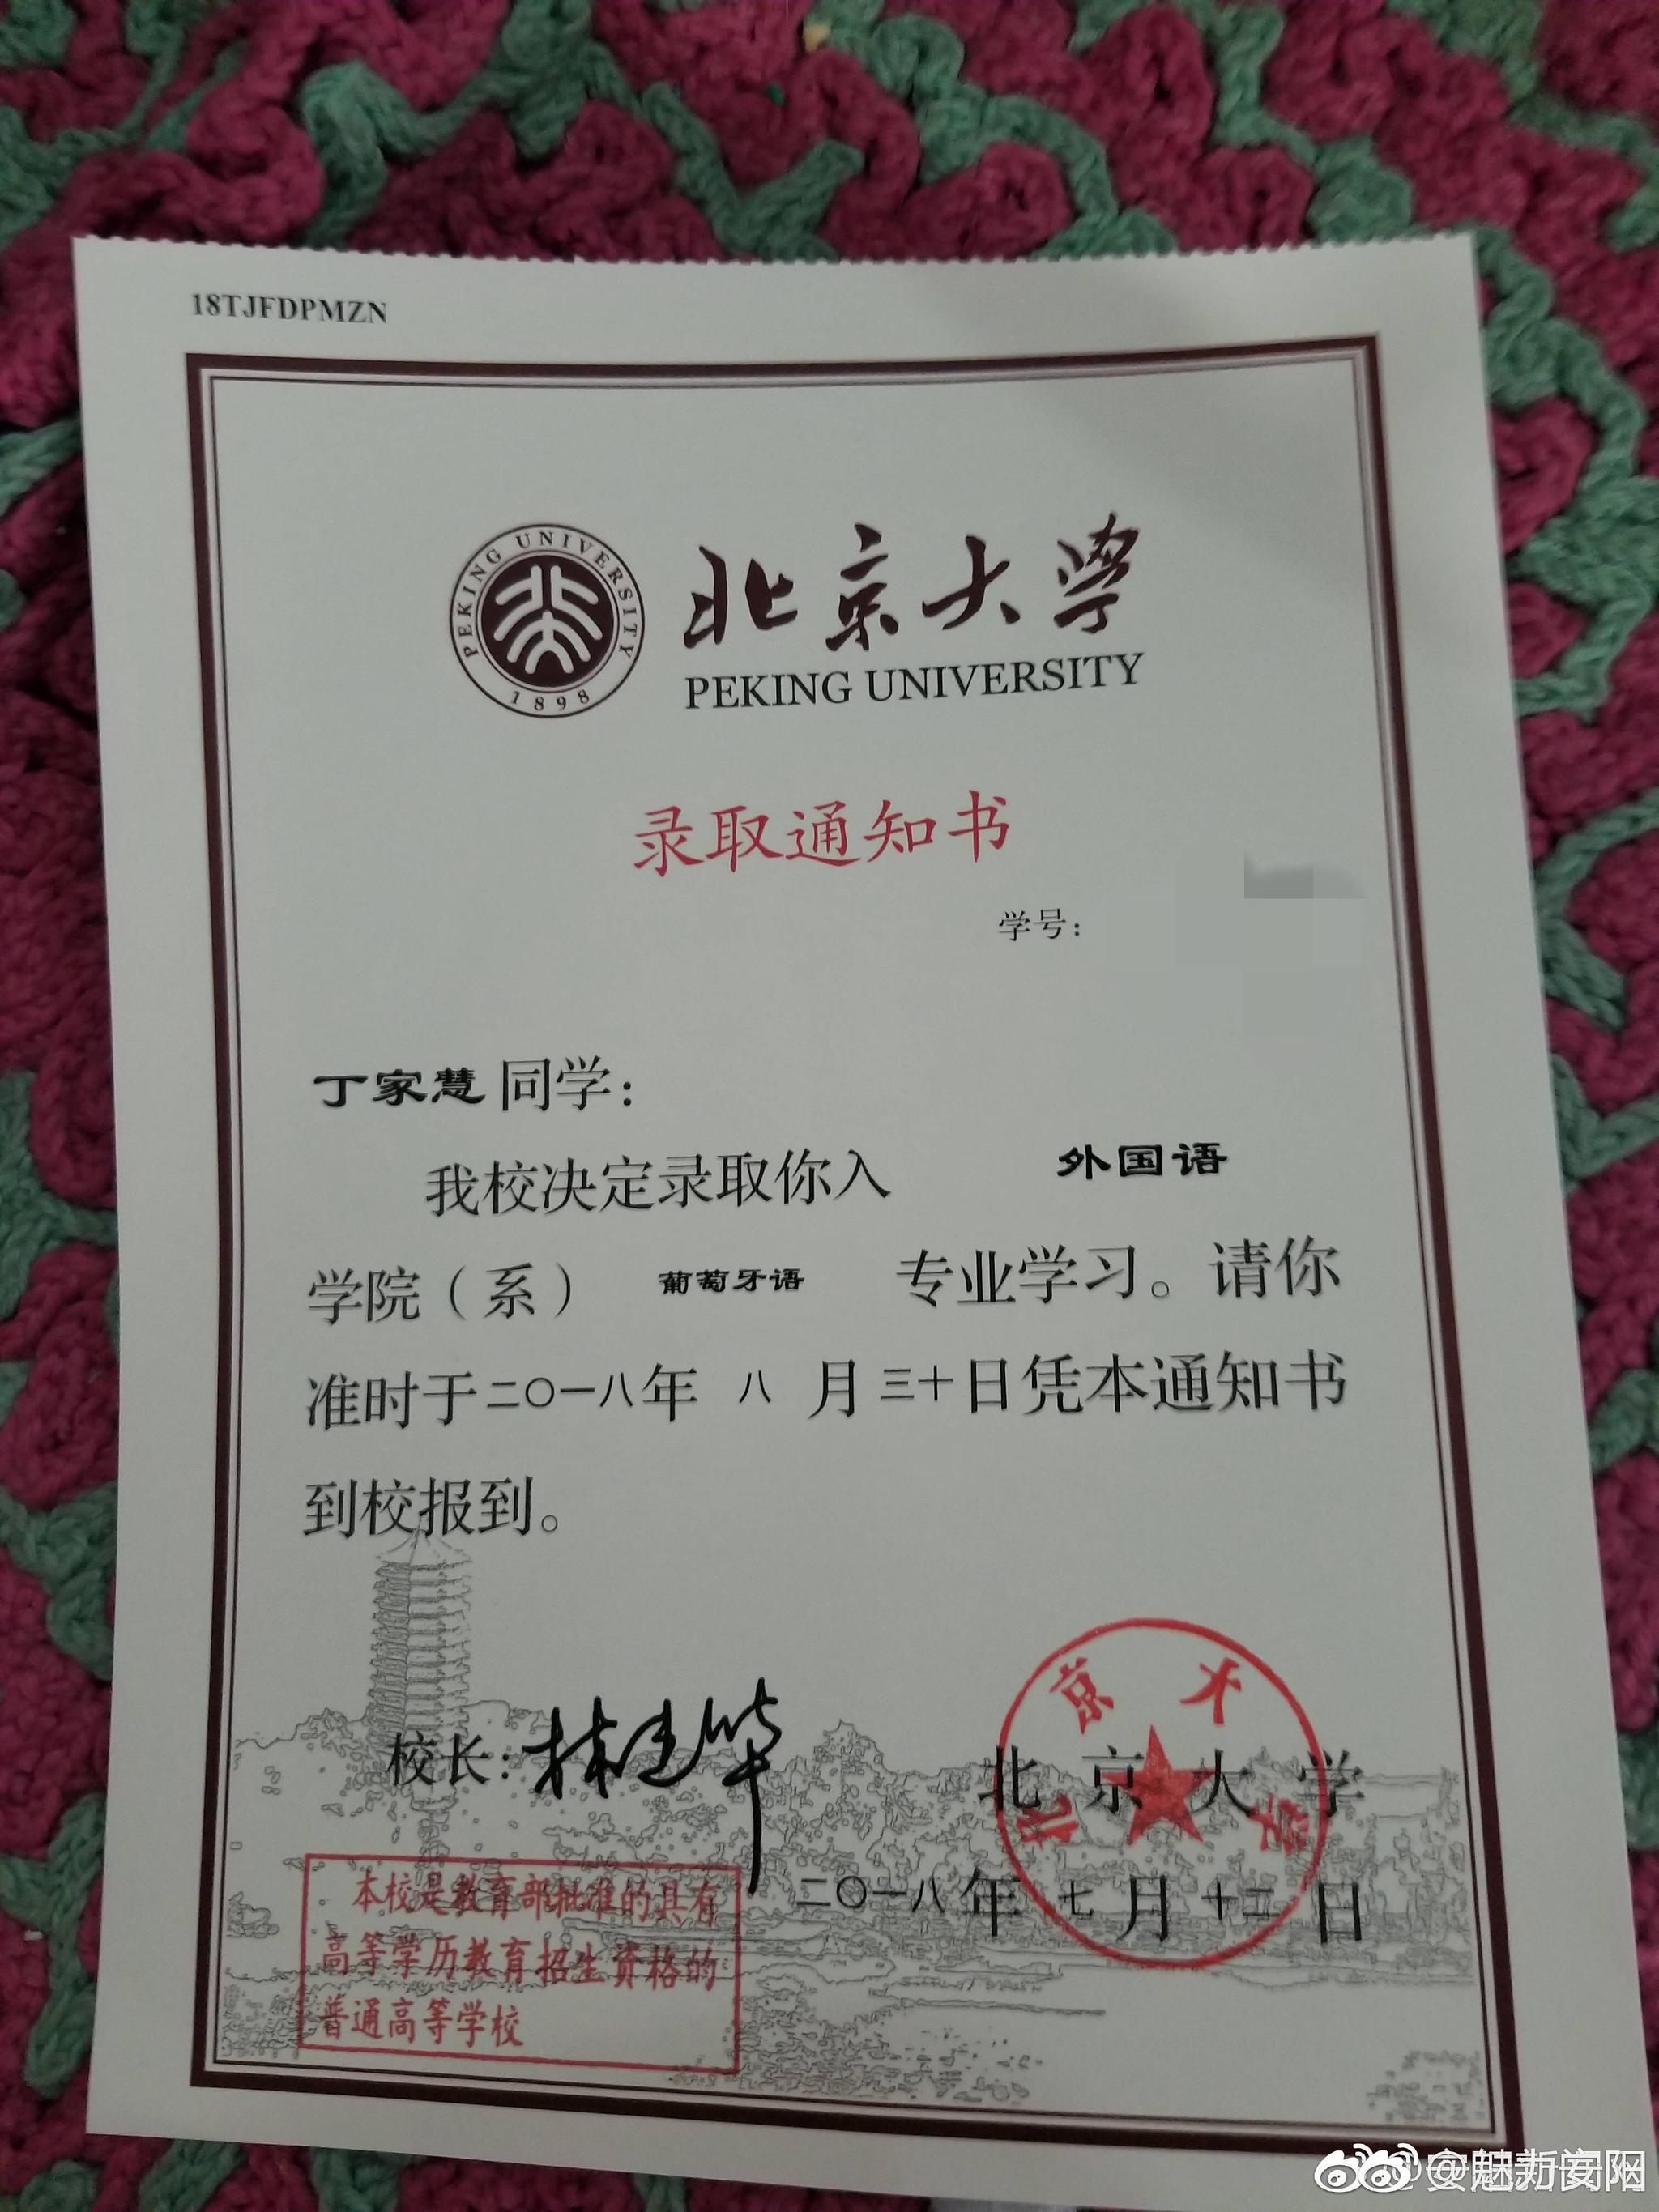 安阳今年第一封高校录取通知书到了!来自北大![话筒]图片